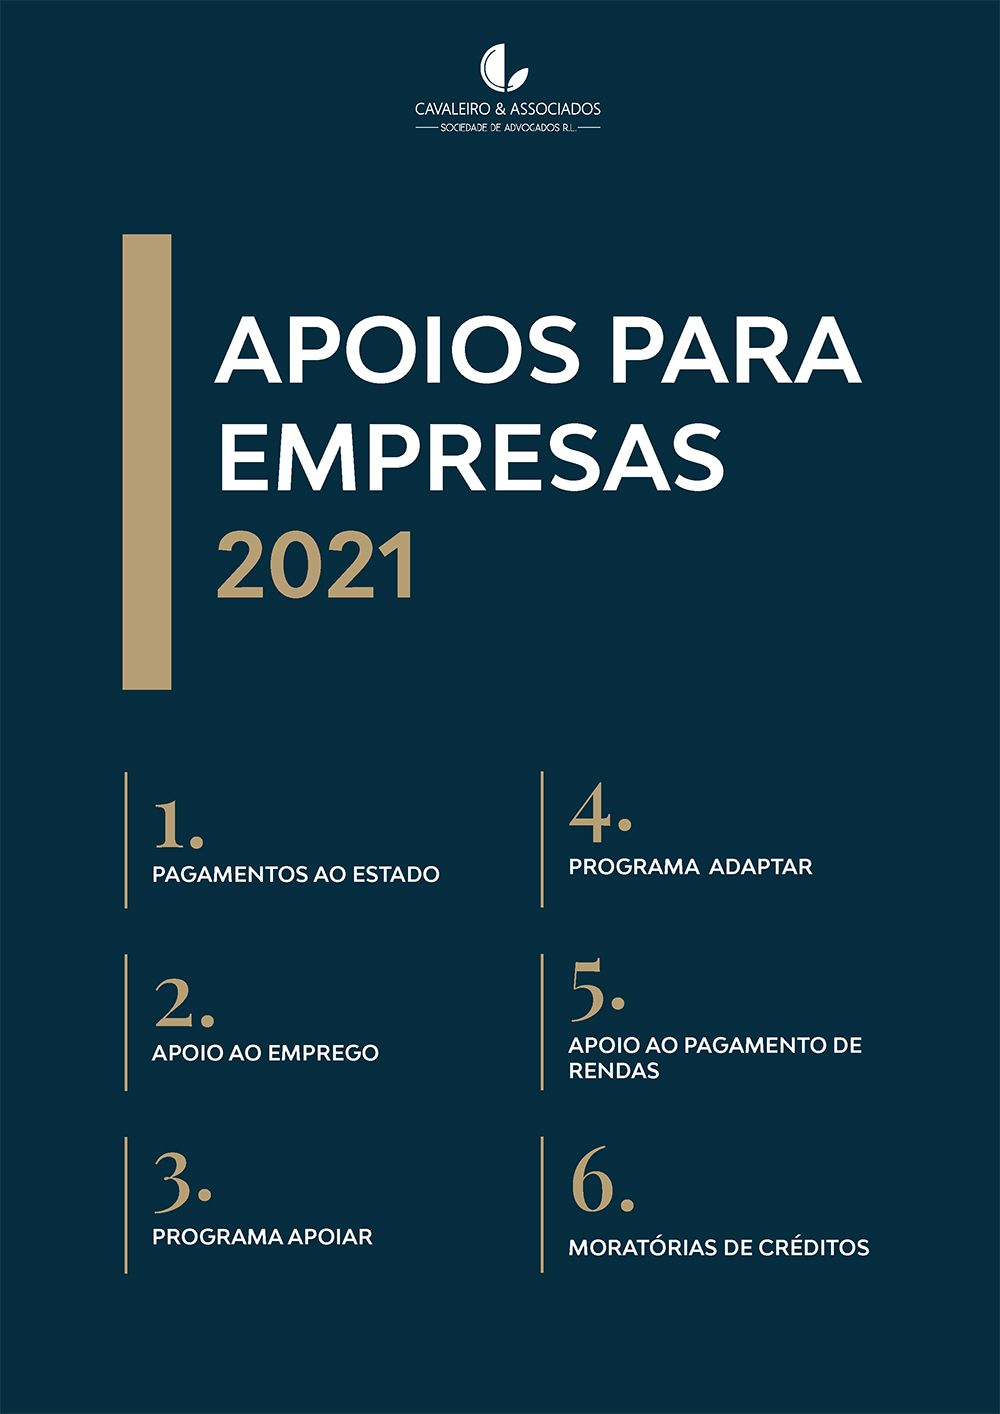 APOIOS PARA EMPRESAS 2021 -GUIA PRÁTICO